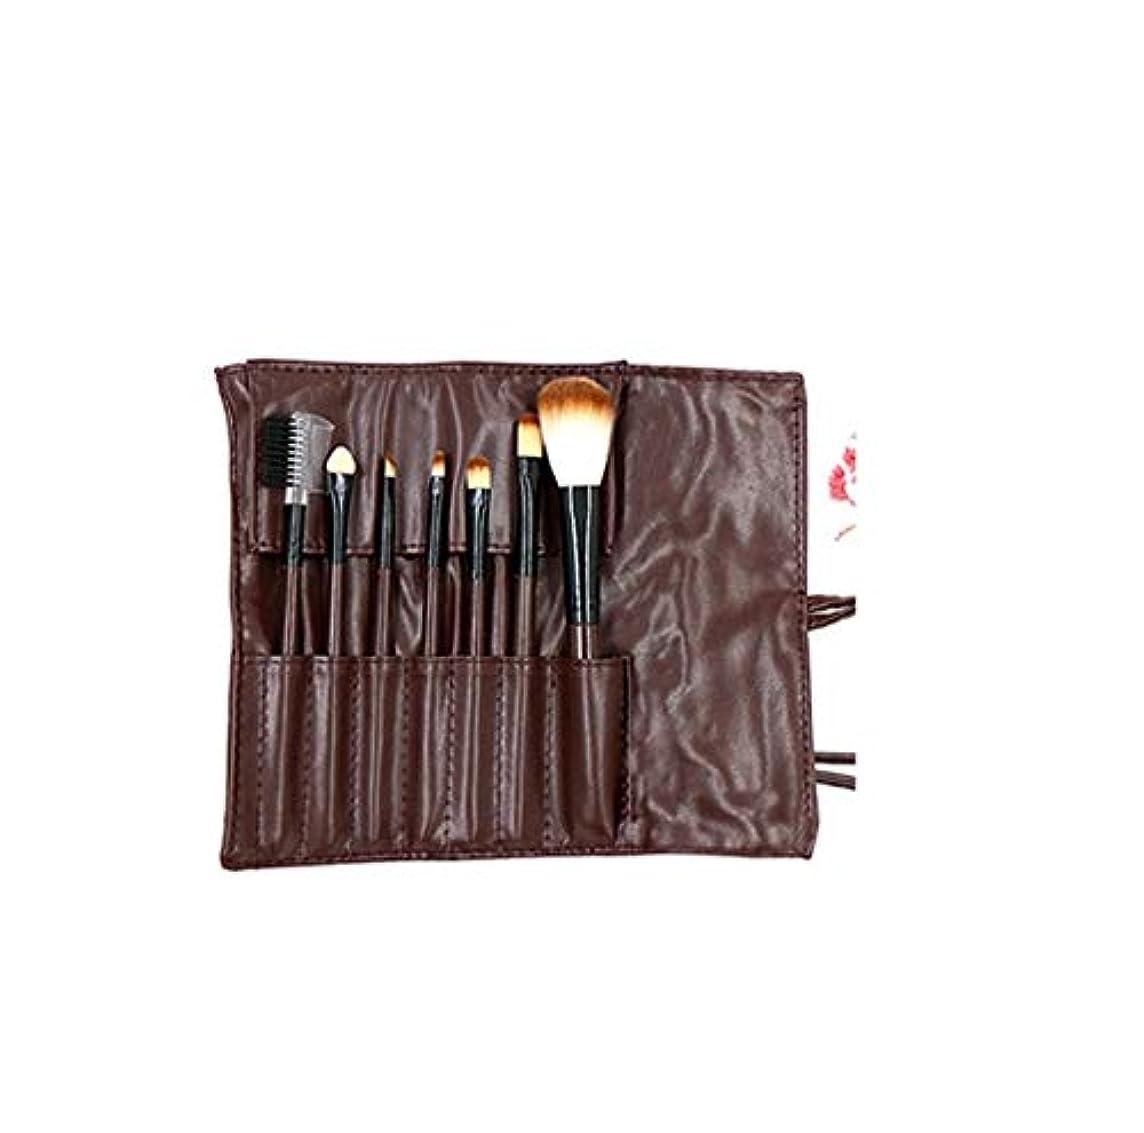 化粧ブラシセット、ブラウン7化粧ブラシ化粧ブラシセットアイシャドウブラシリップブラシ美容化粧道具 (Color : ブラウン)